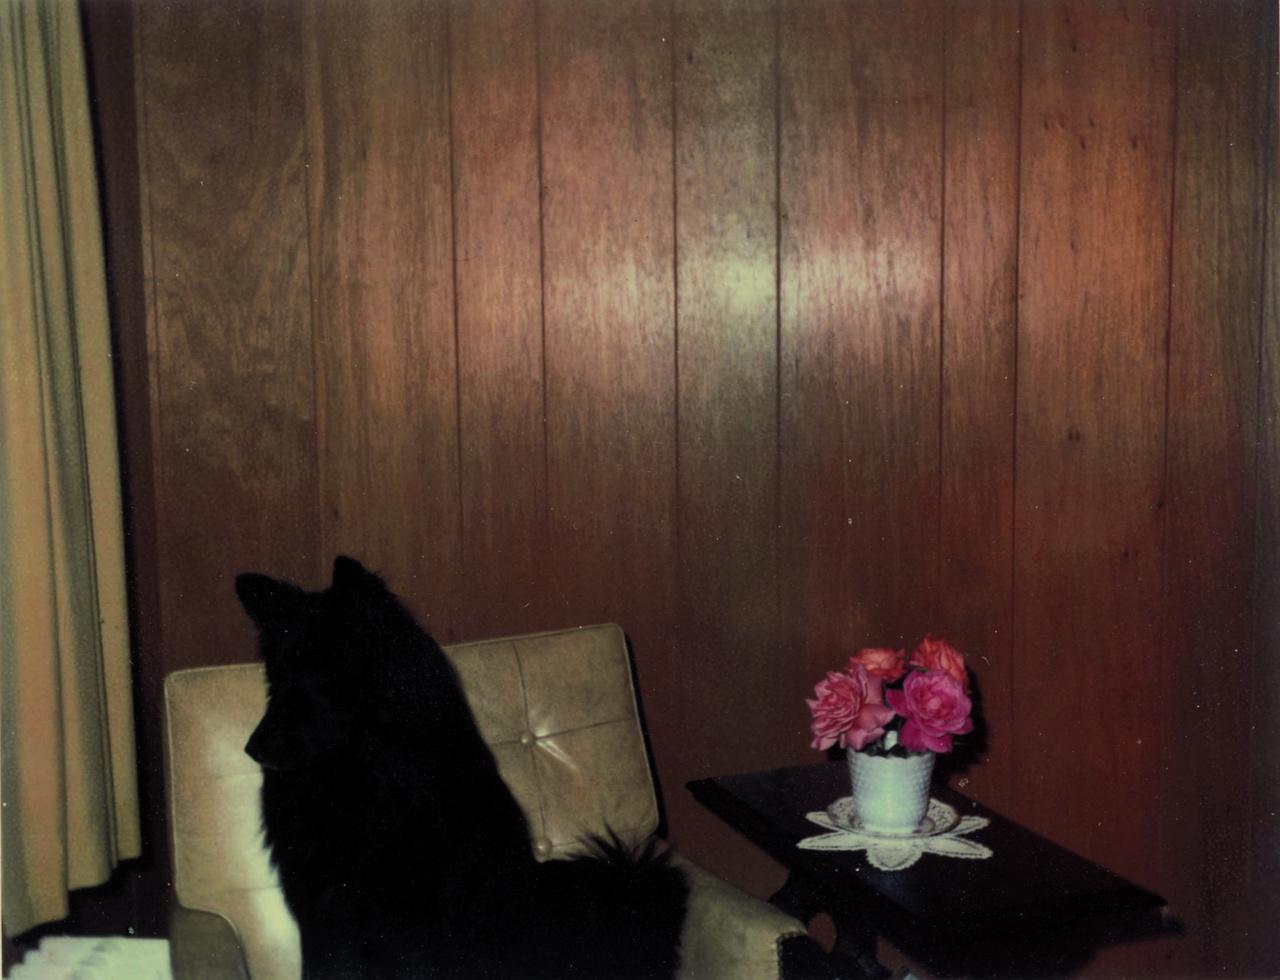 Egy New Yorki-család  az évek során rengeteg képet készített fekete kutyájukról. Egy gond volt csak, a kedvencük a legtöbb képen csak egy fekete paca, ugyanis a kamerájuk alkalmatlan volt egy szép napnál csak egy kicsit is sötétebb fényviszonyok közötti fényképezésre.